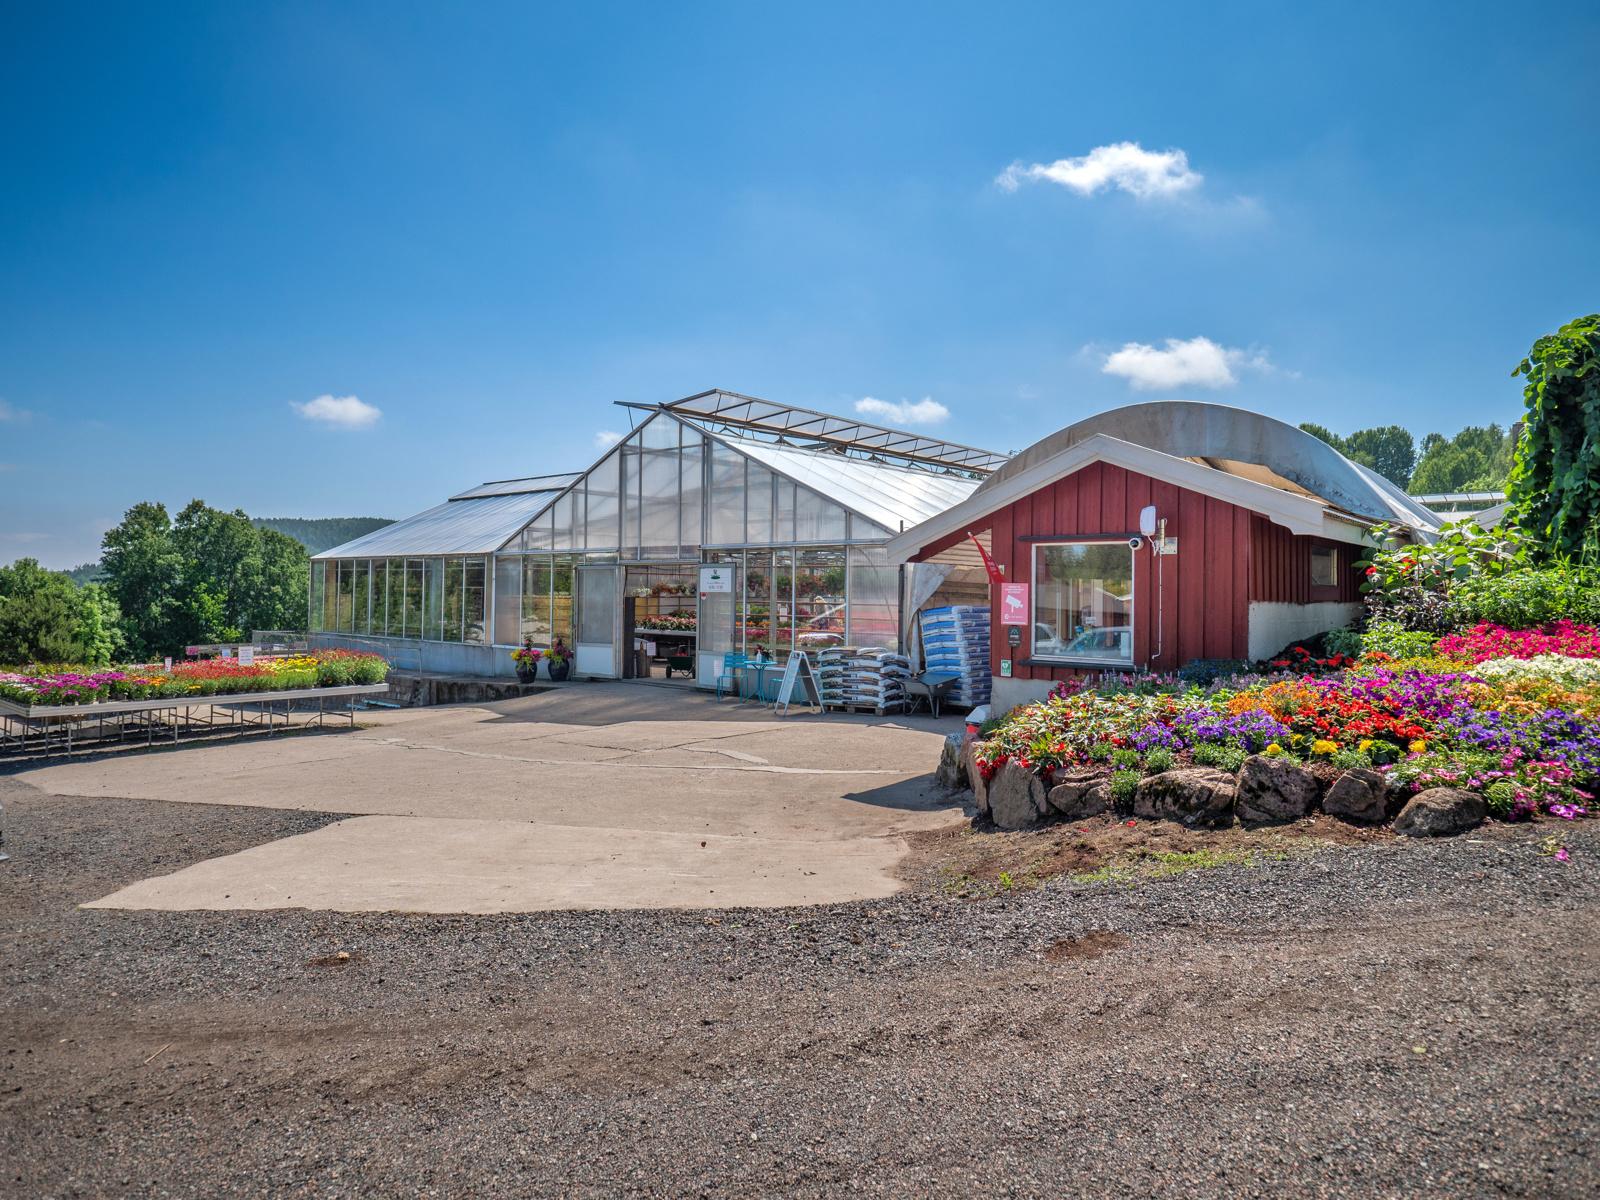 Ravnsborg gartneri ligger på veien inn til hytta og det anbefales en stopp her